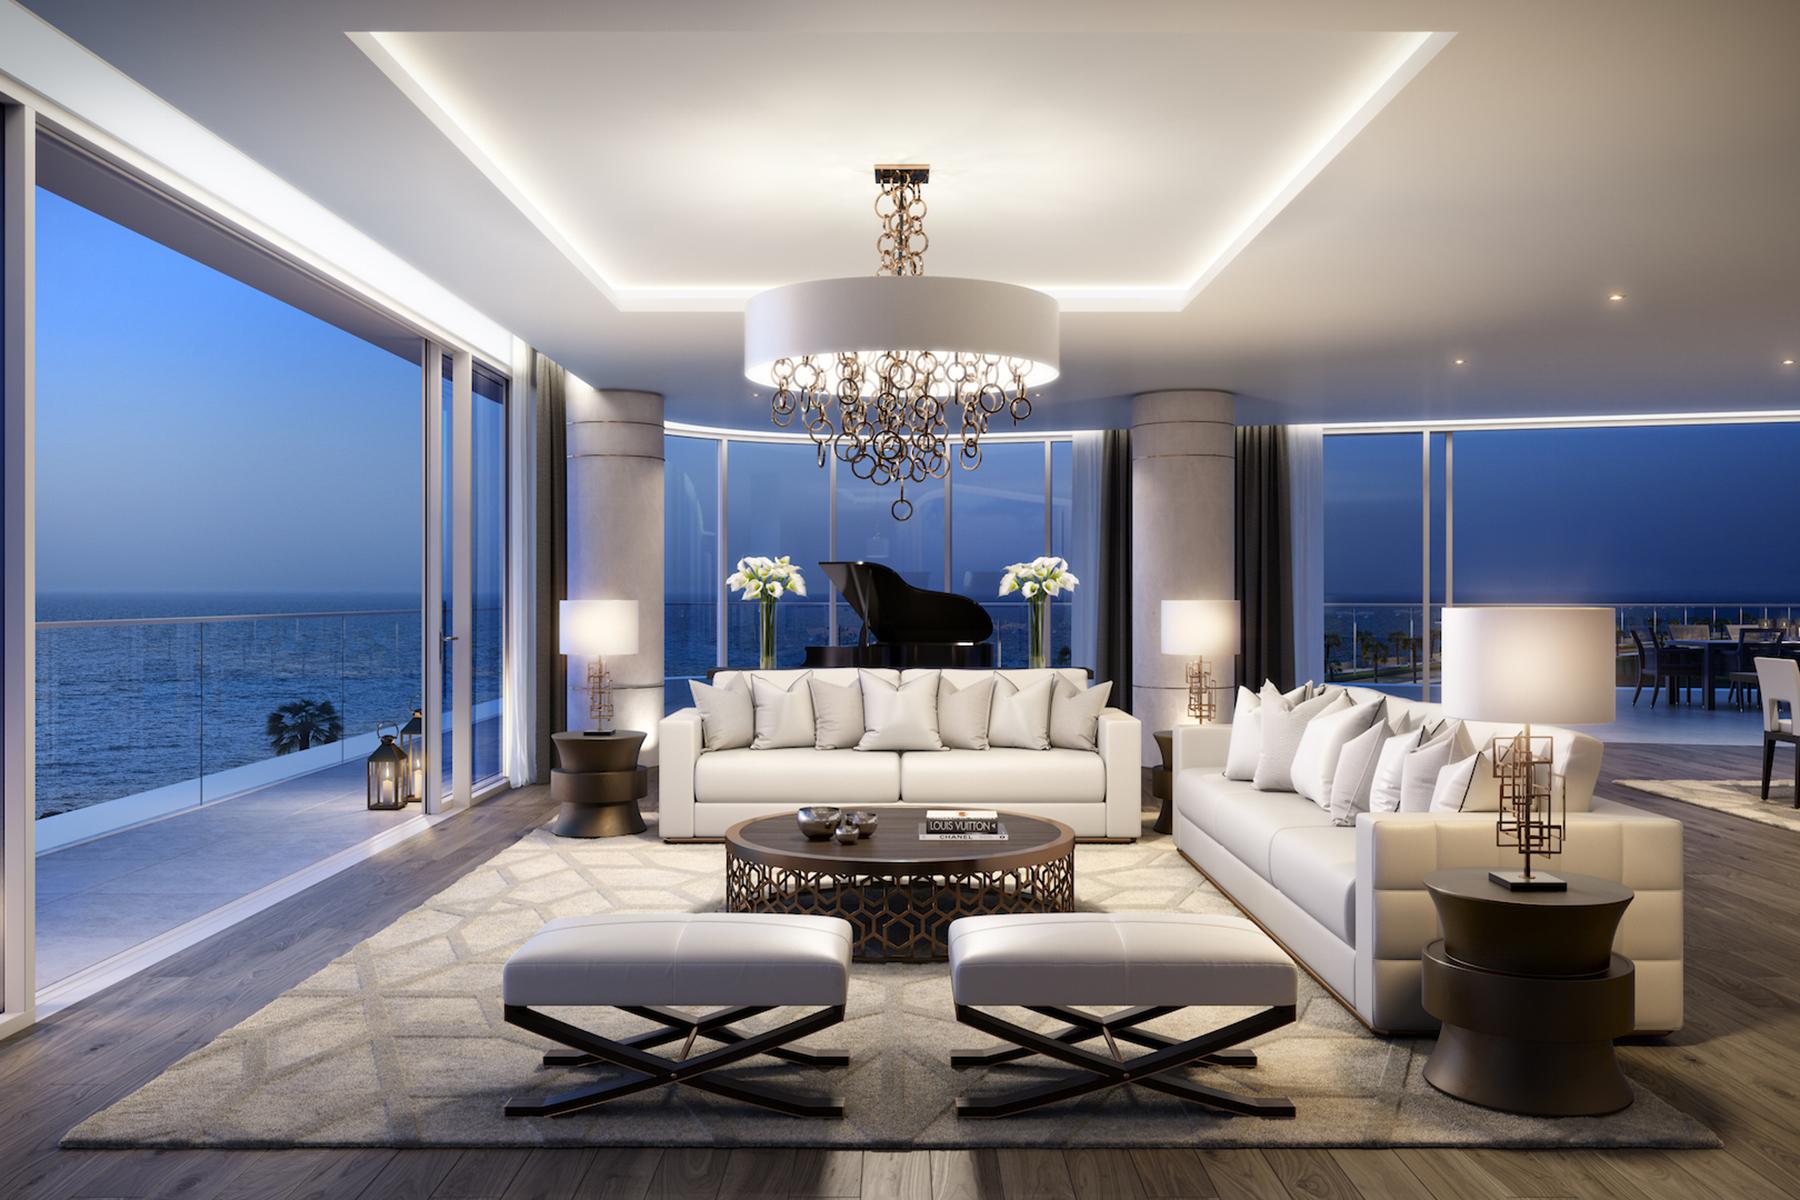 公寓 為 出售 在 The Alef Residences Massive 3BR Mansion Full Sea Views Palm Jumeirah Alef Residences, Dubai, 00000 阿聯酋